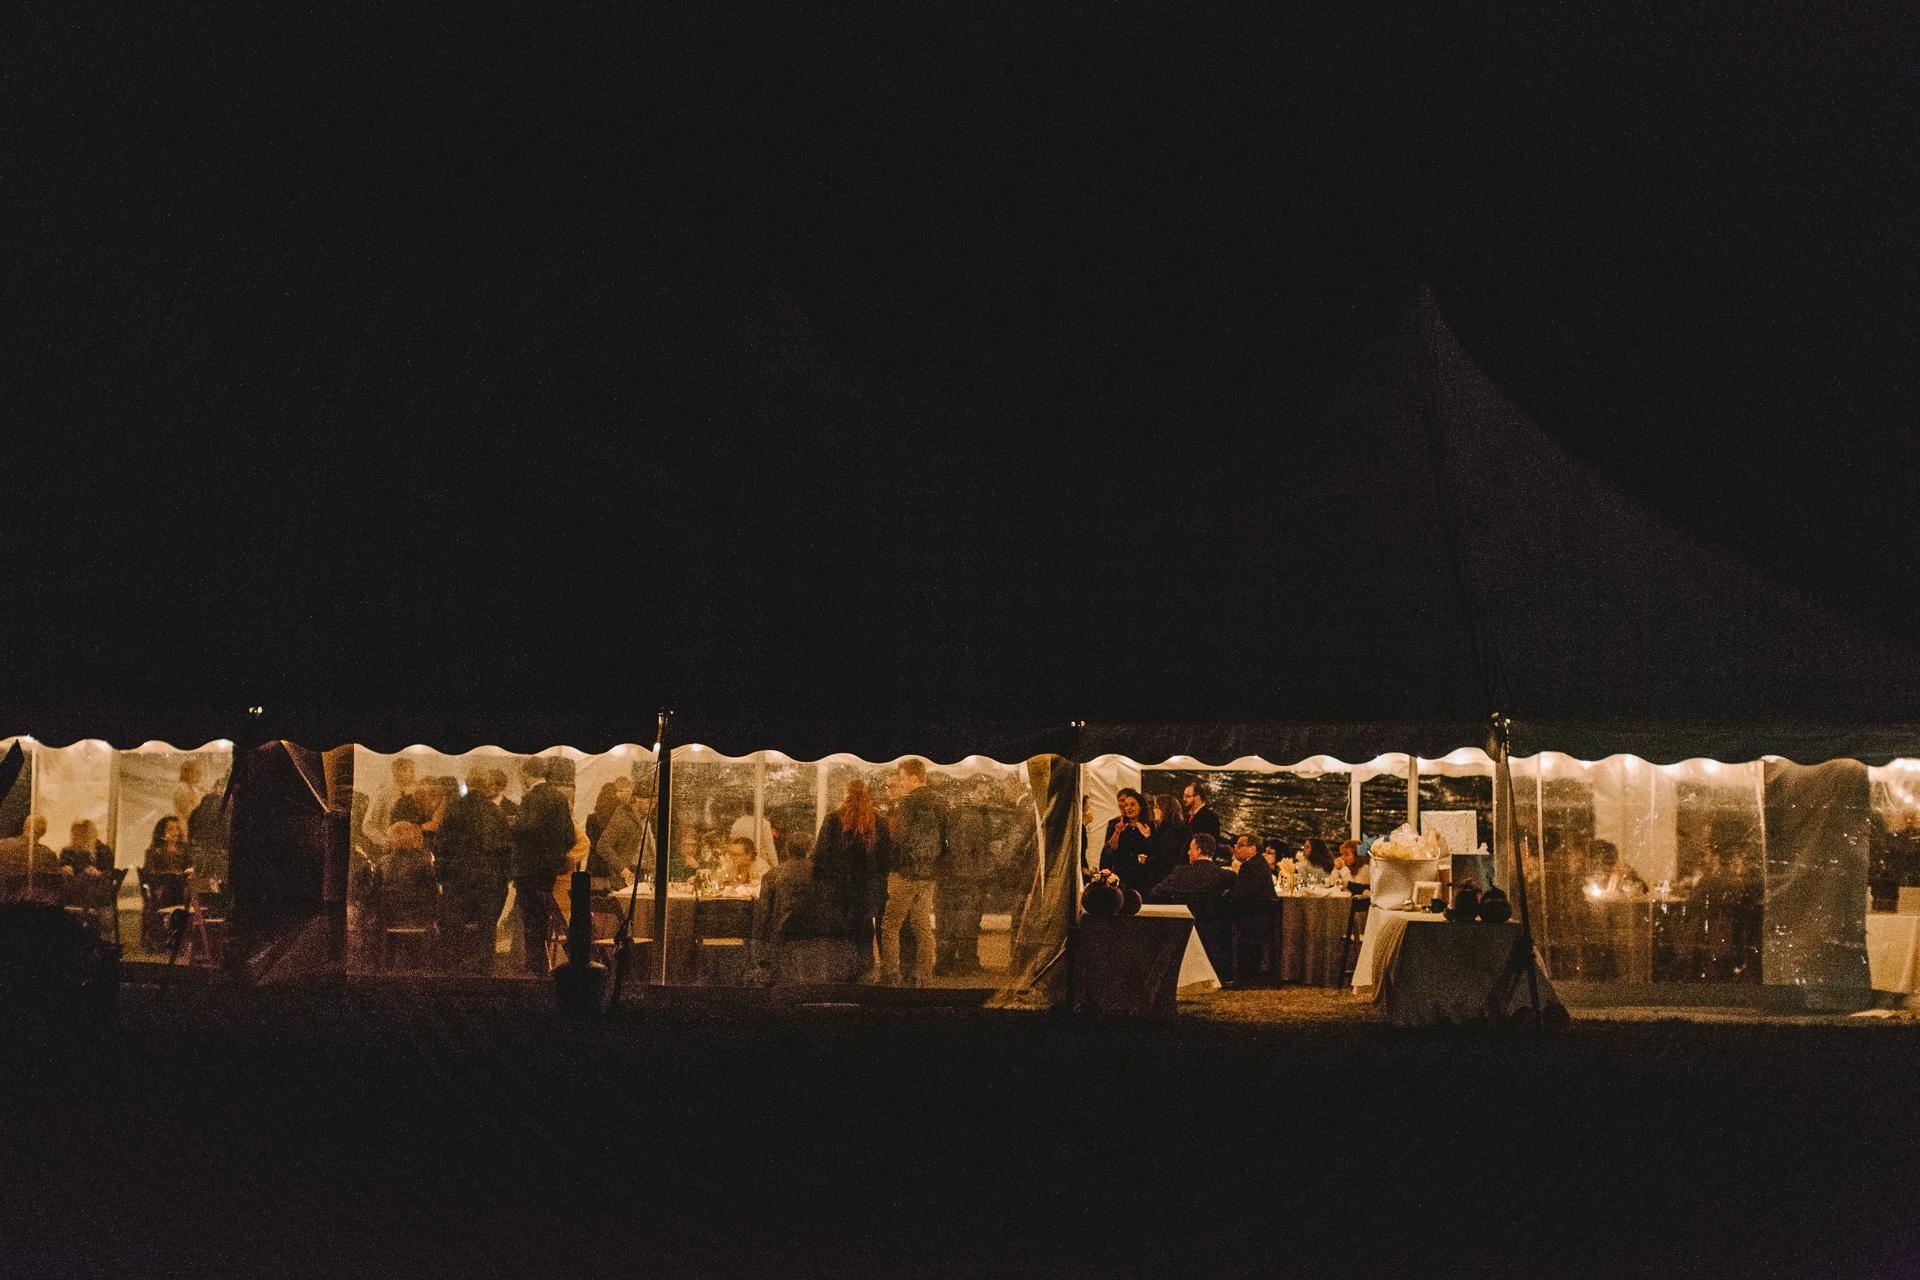 jess-hunter-tilghman-island-wedding-photographer-8611.jpg